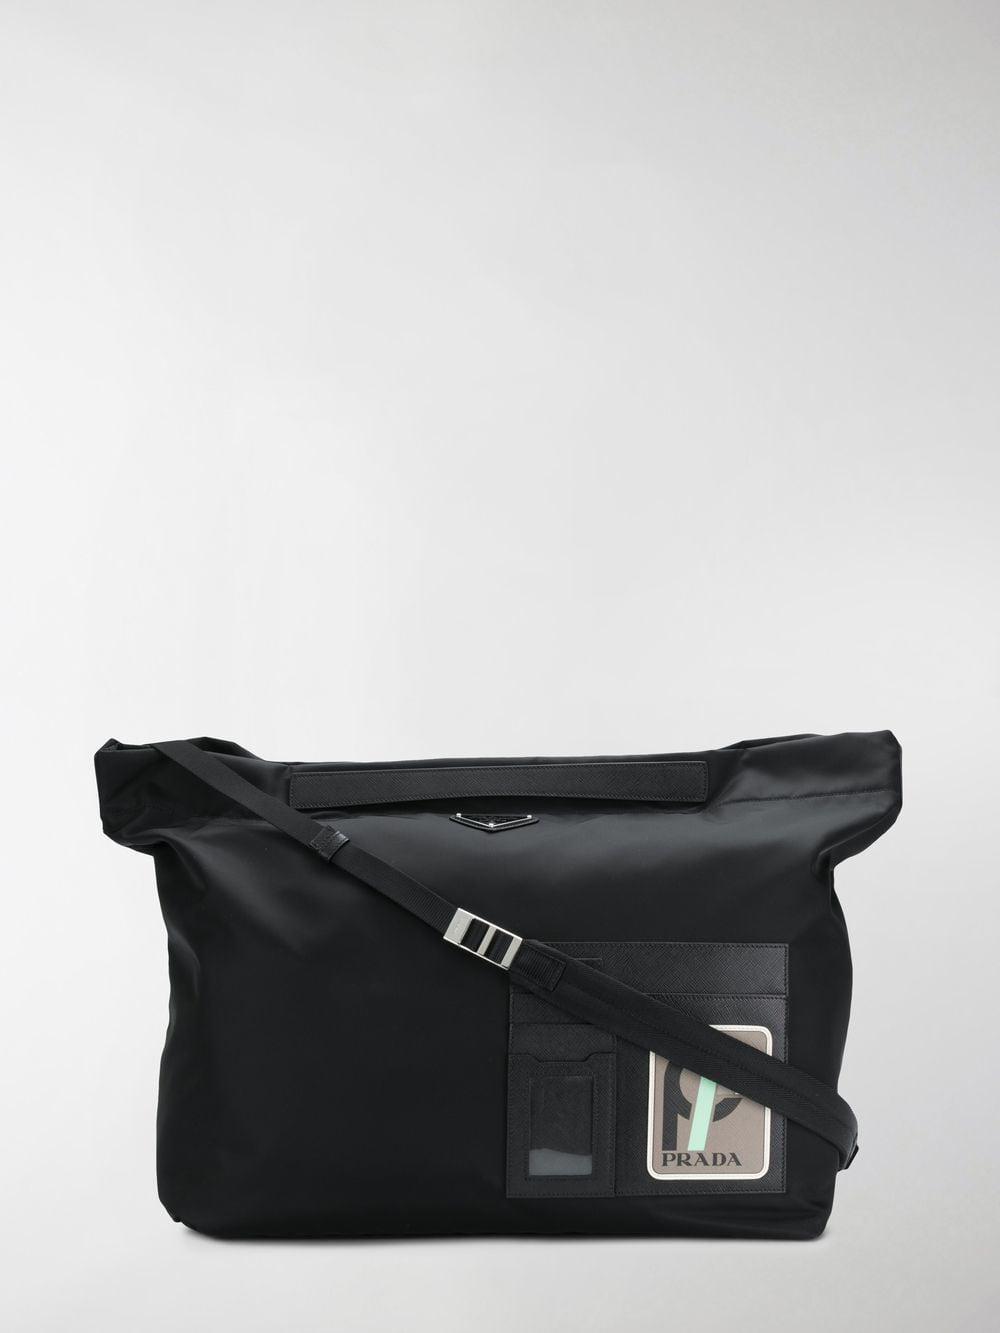 4a54f1e940c03a Prada - Black And Grey Technical Shoulder Bag for Men - Lyst. View  fullscreen